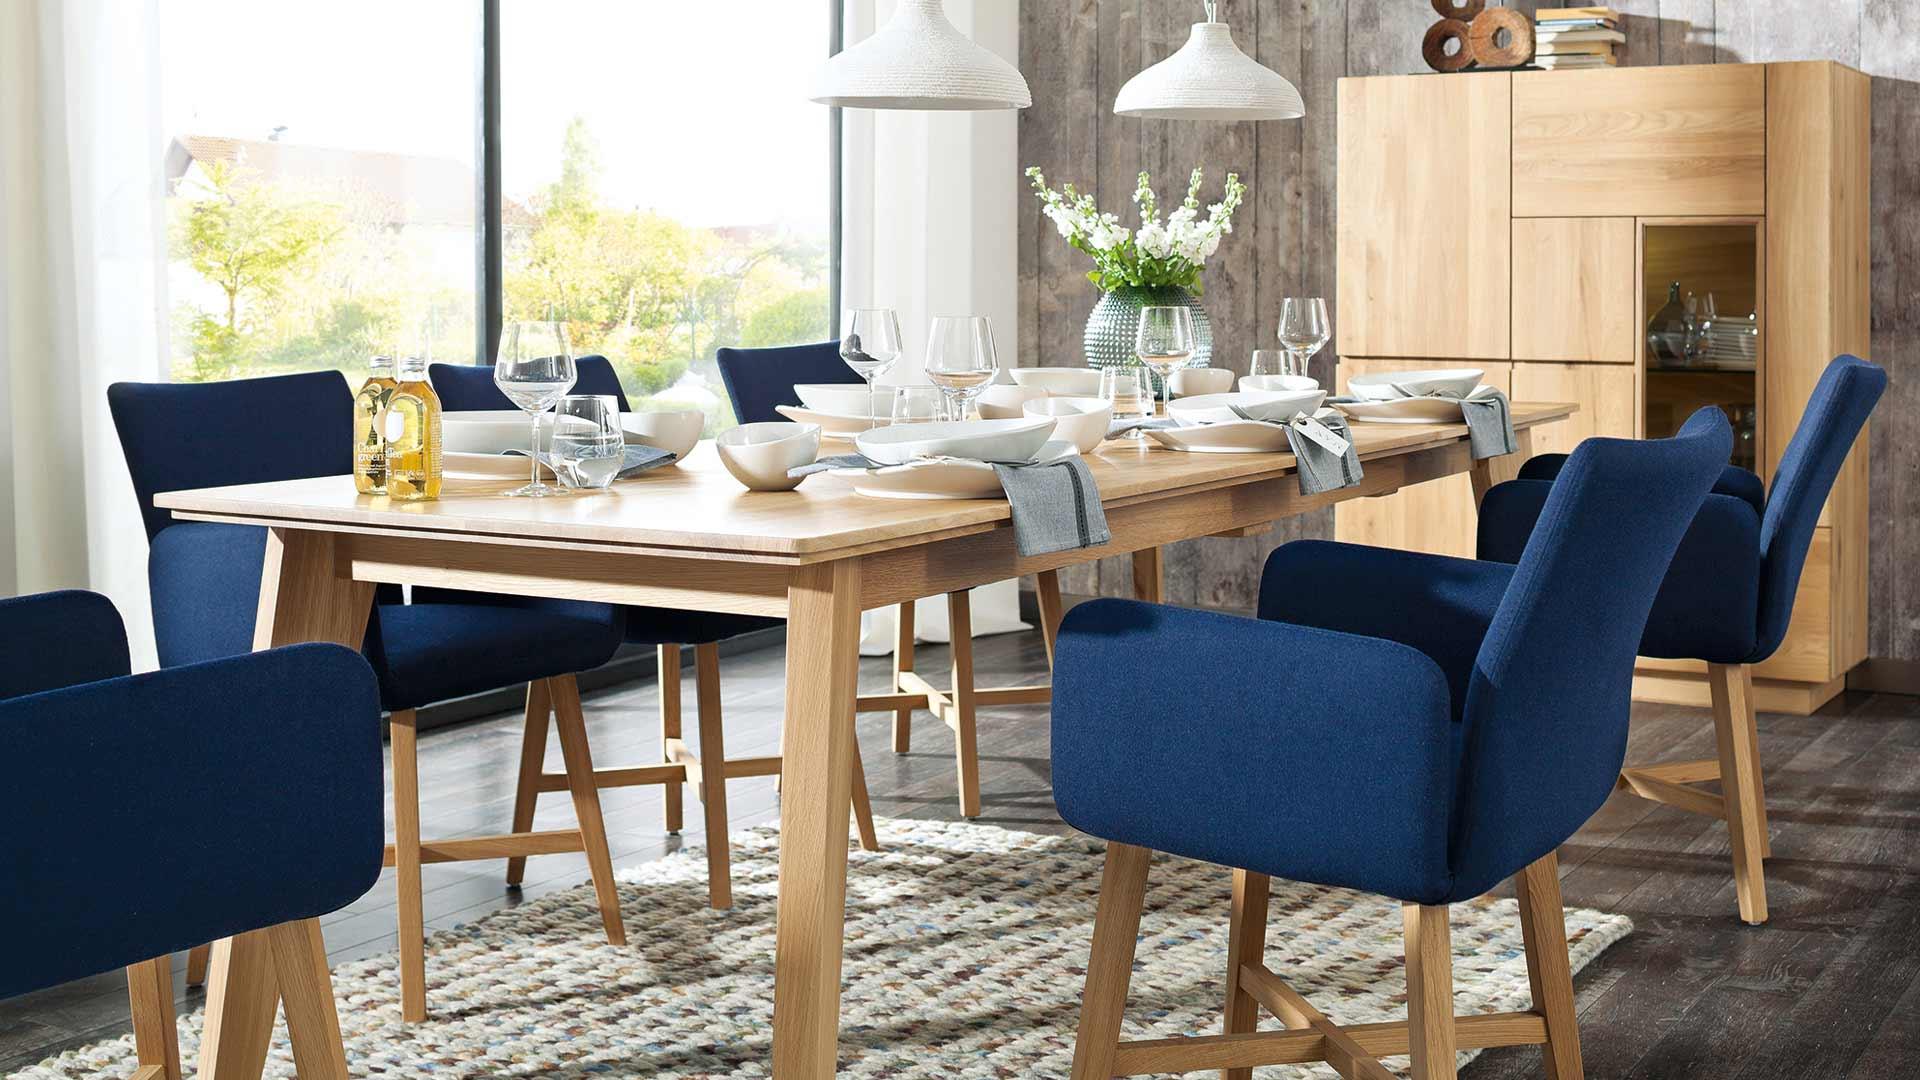 Möbel Hesse Garbsen natura 3670 natura einrichten in garbsen nahe hannover möbel